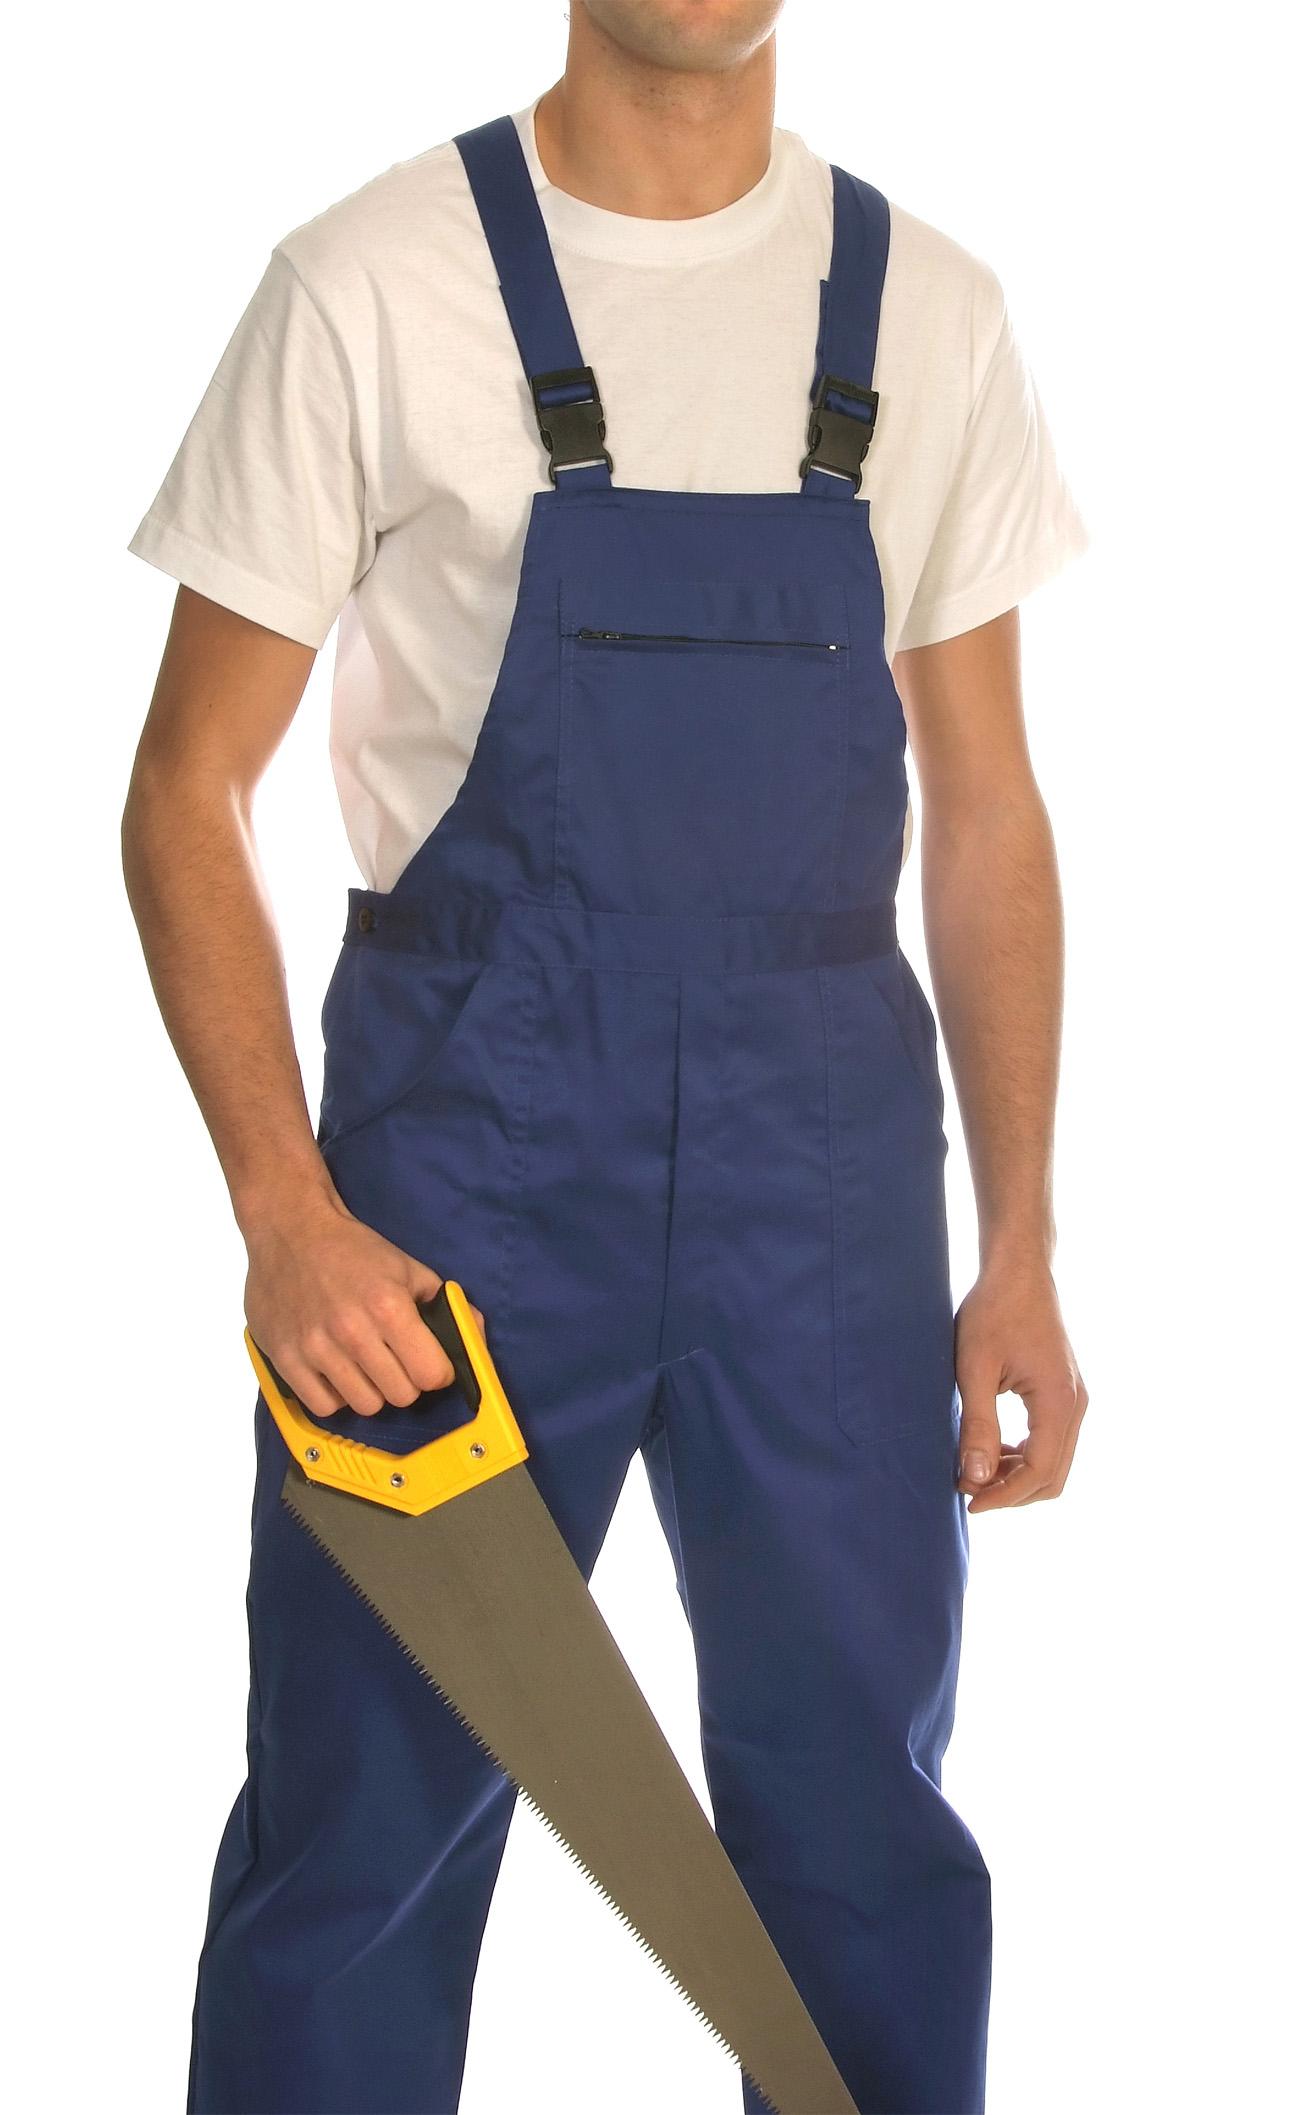 Bib and brace trousers Image